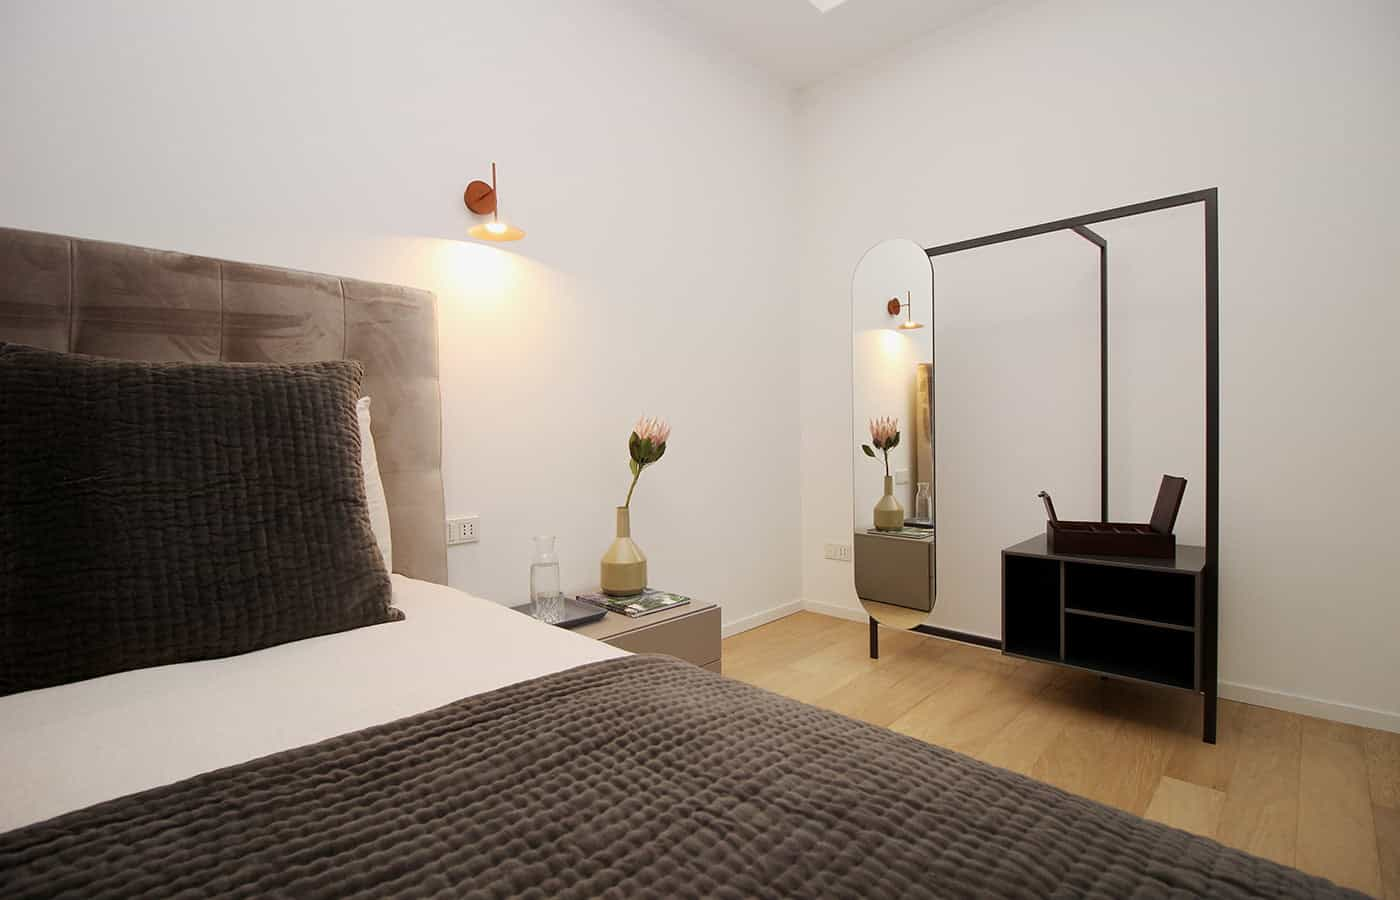 Specchio camera da letto - Progetto Via Santo Spirito Milano - Il Mobile